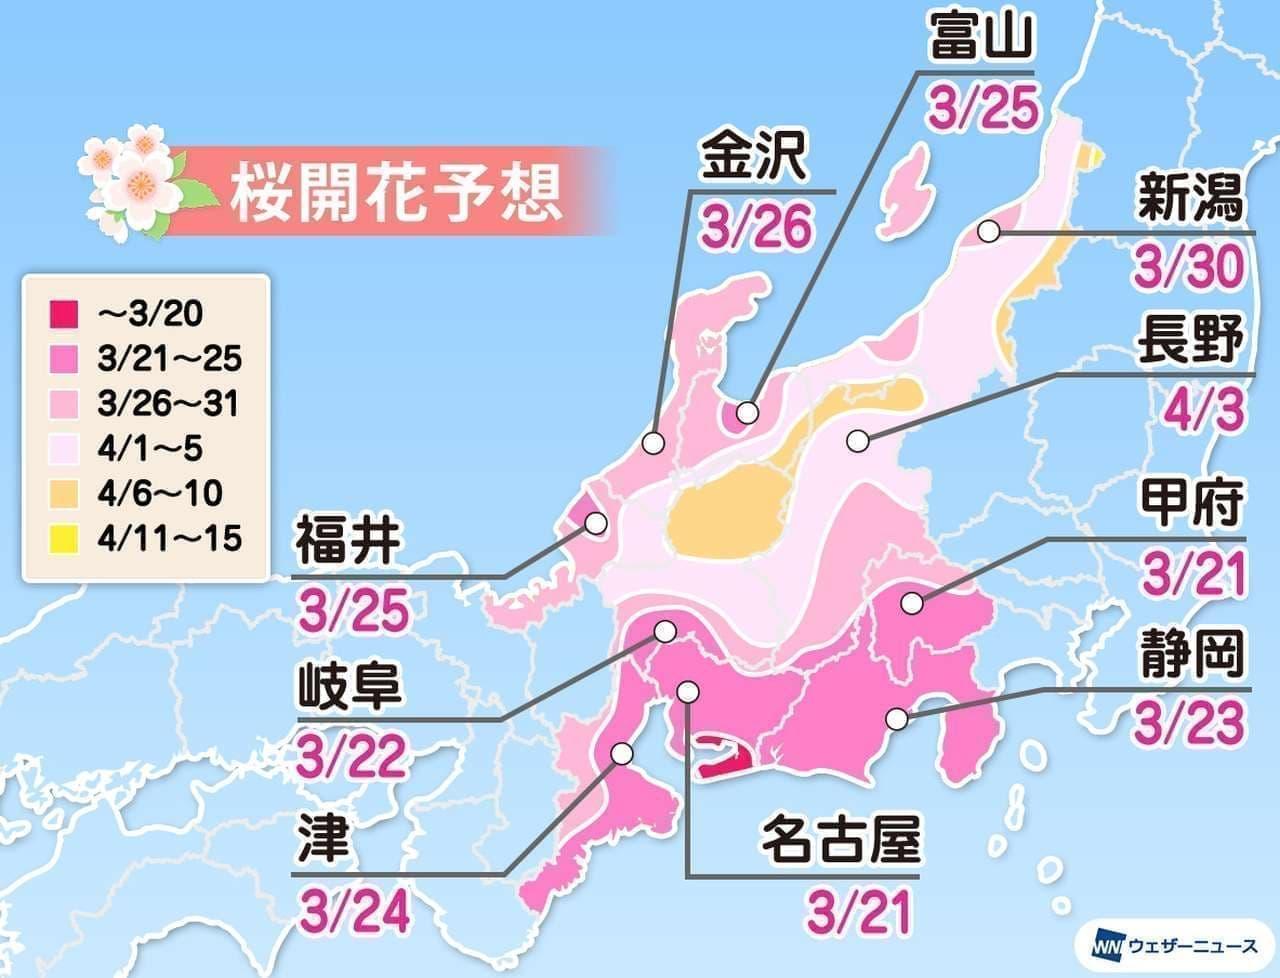 ウェザーニューズが「第六回桜開花予想」発表